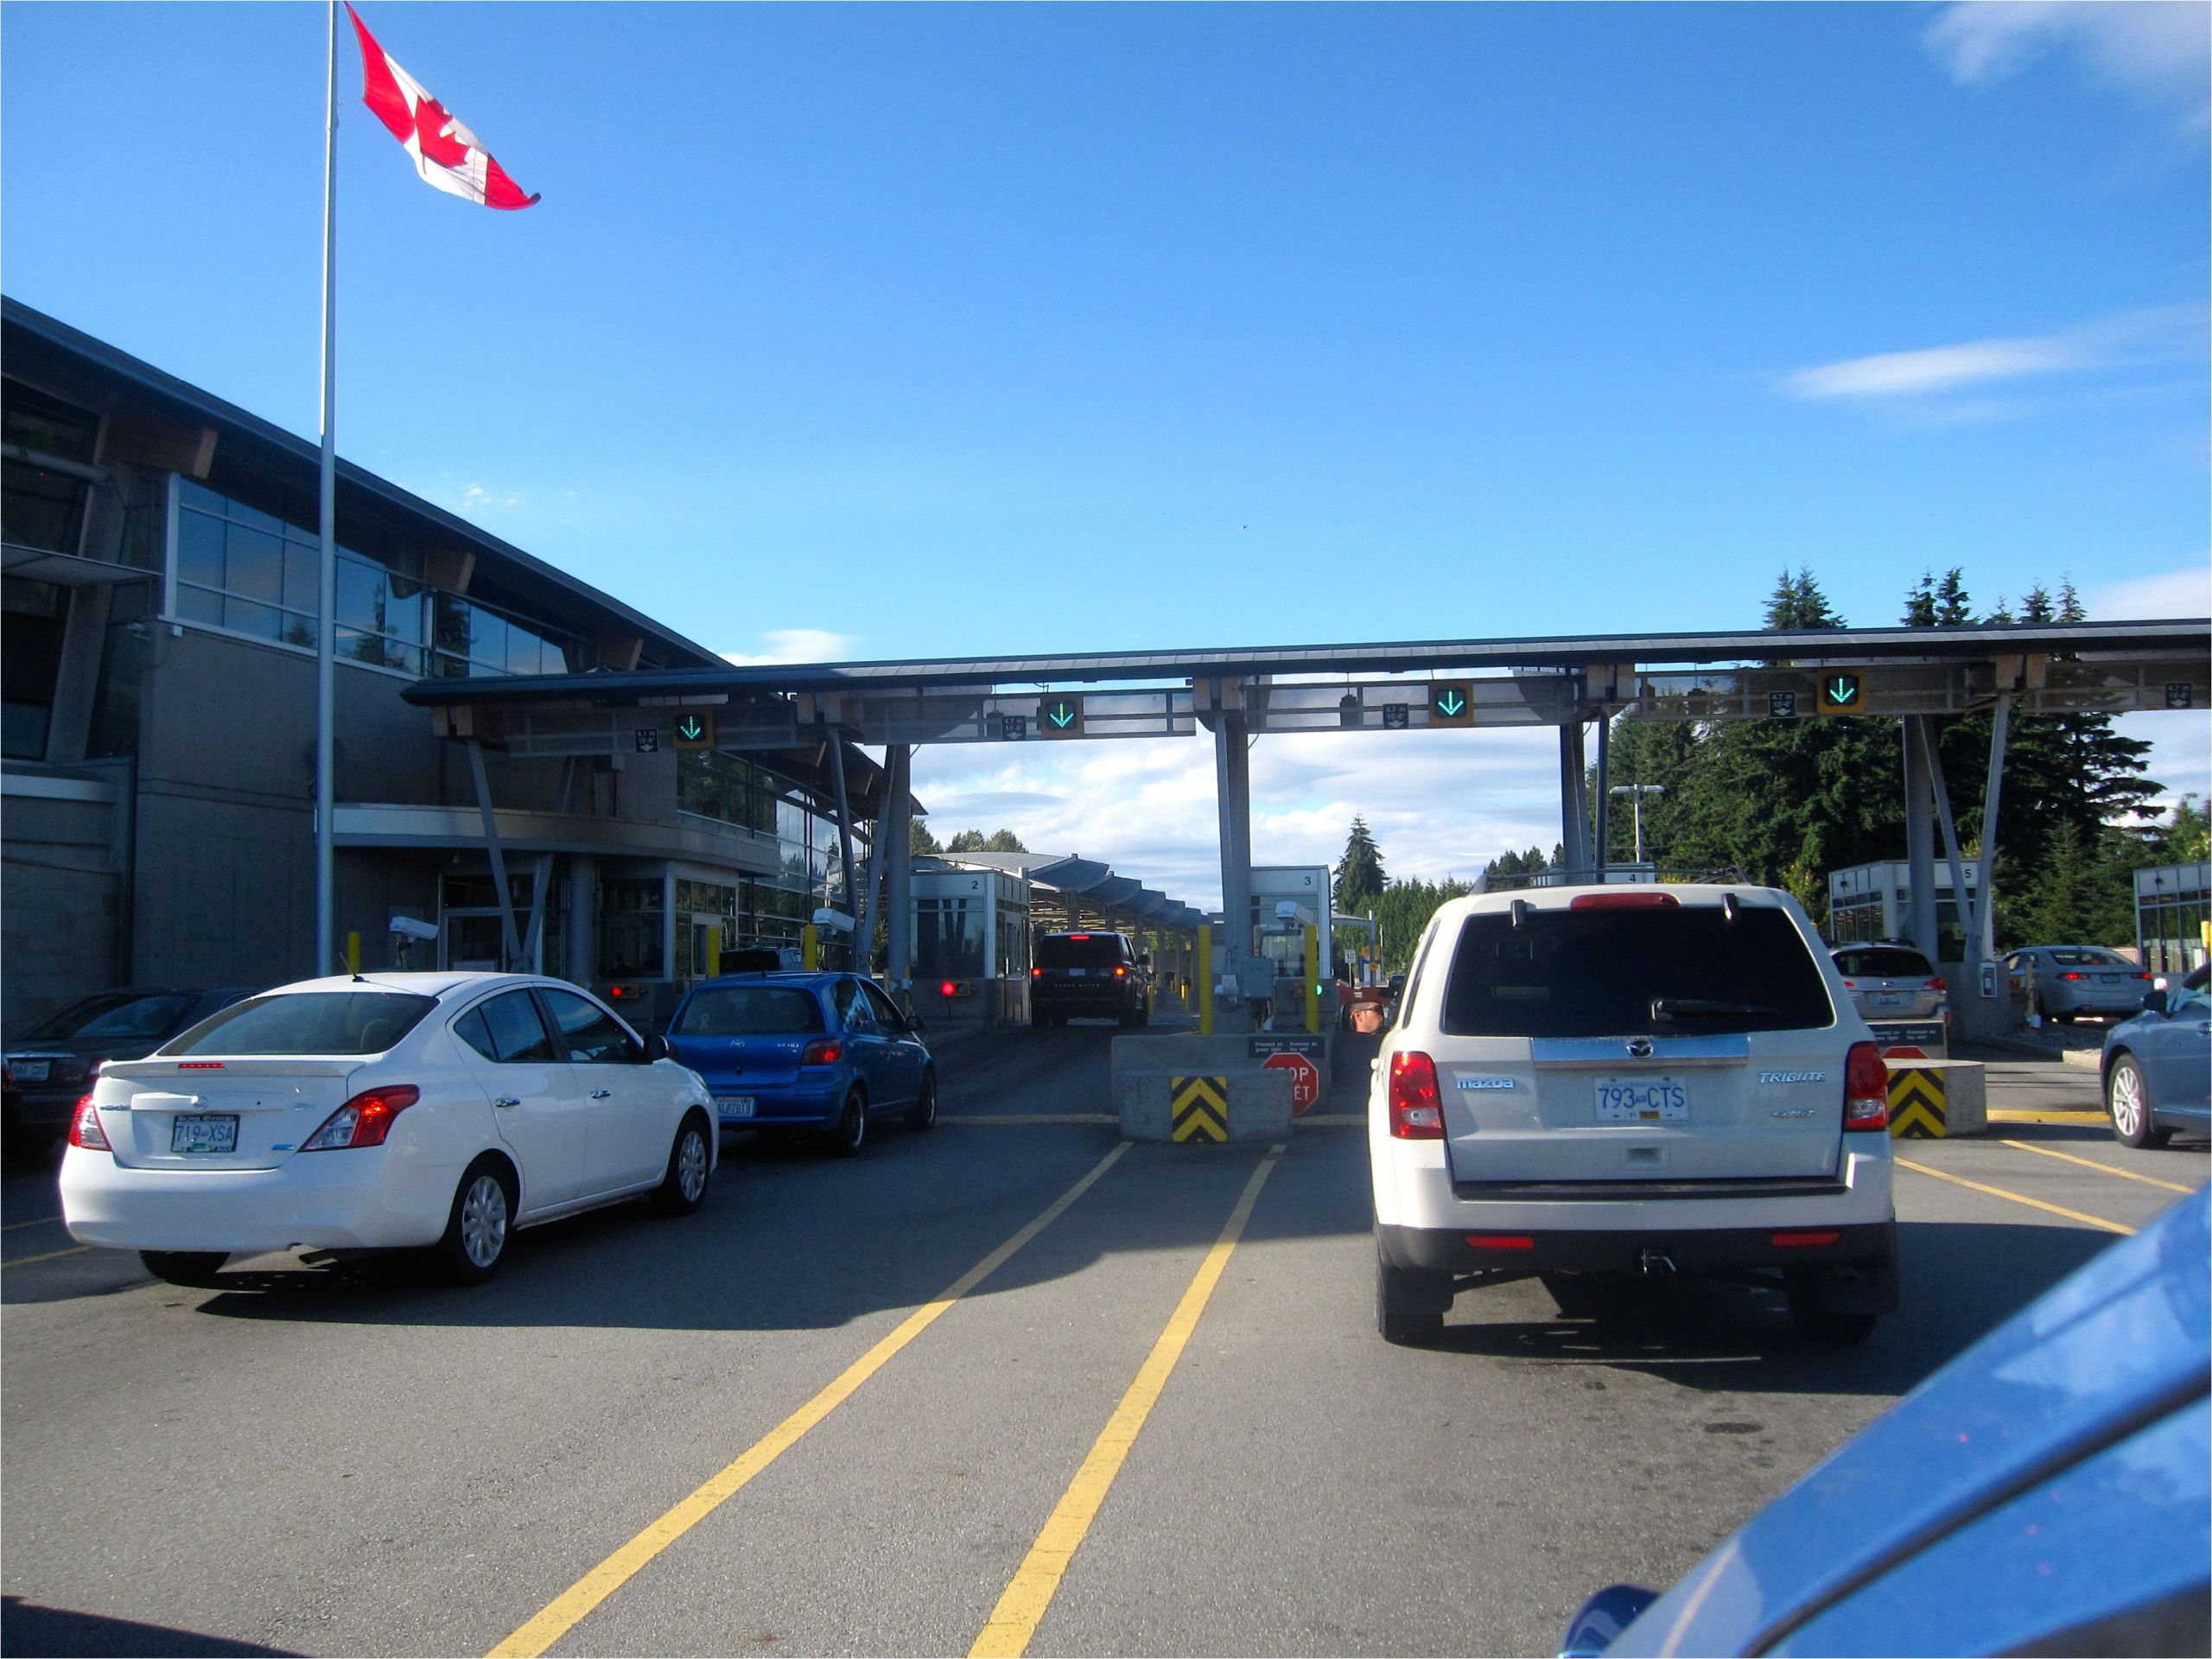 border crossing 56a9baf23df78cf772a9fe65 jpg